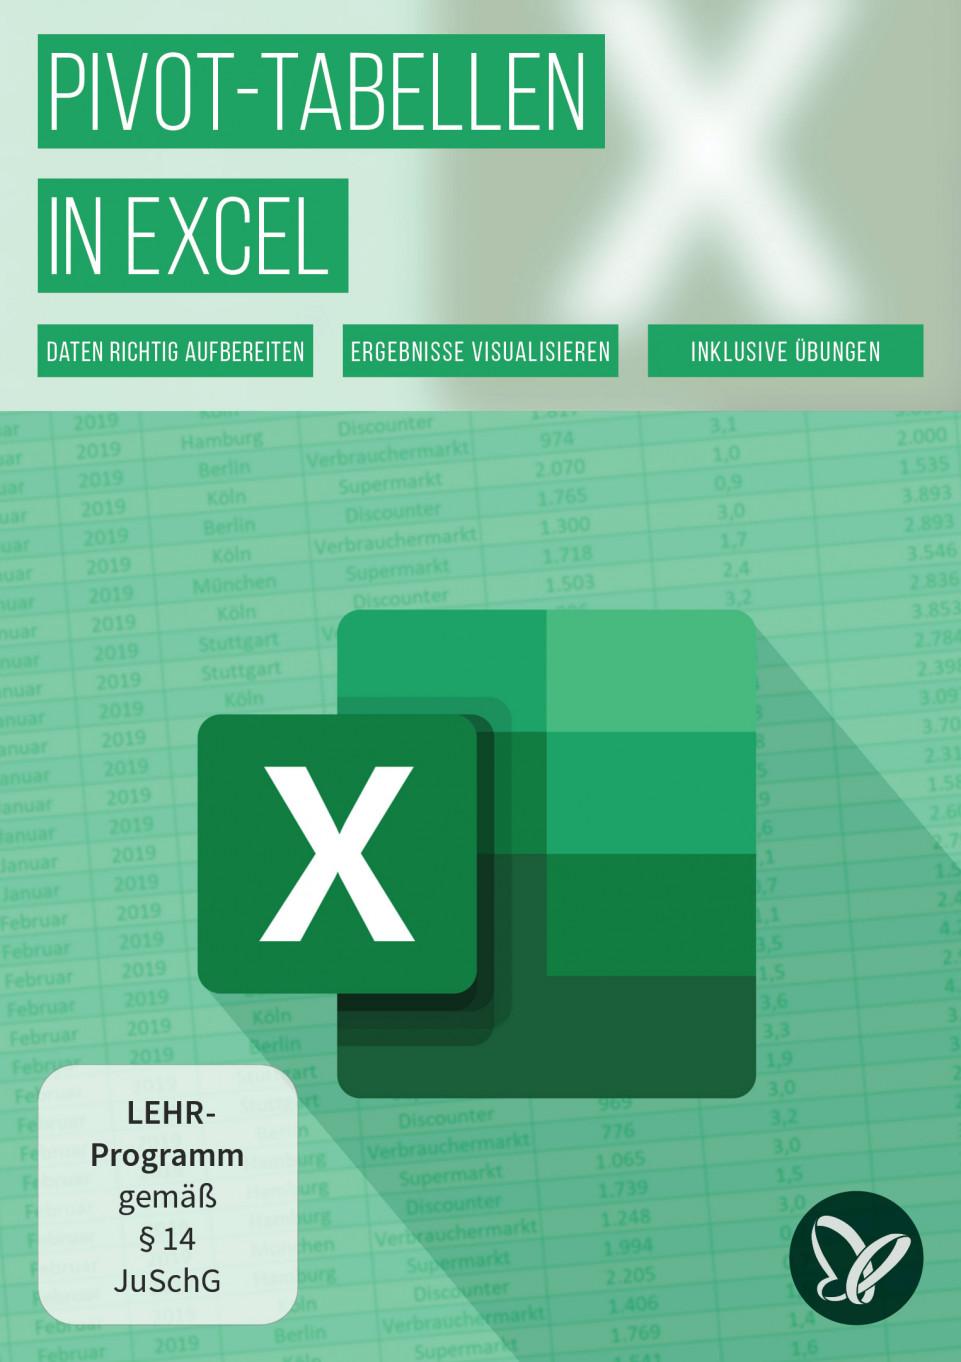 Pivot-Tabellen in Excel erstellen und formatieren: von der Analyse bis zum Dashboard